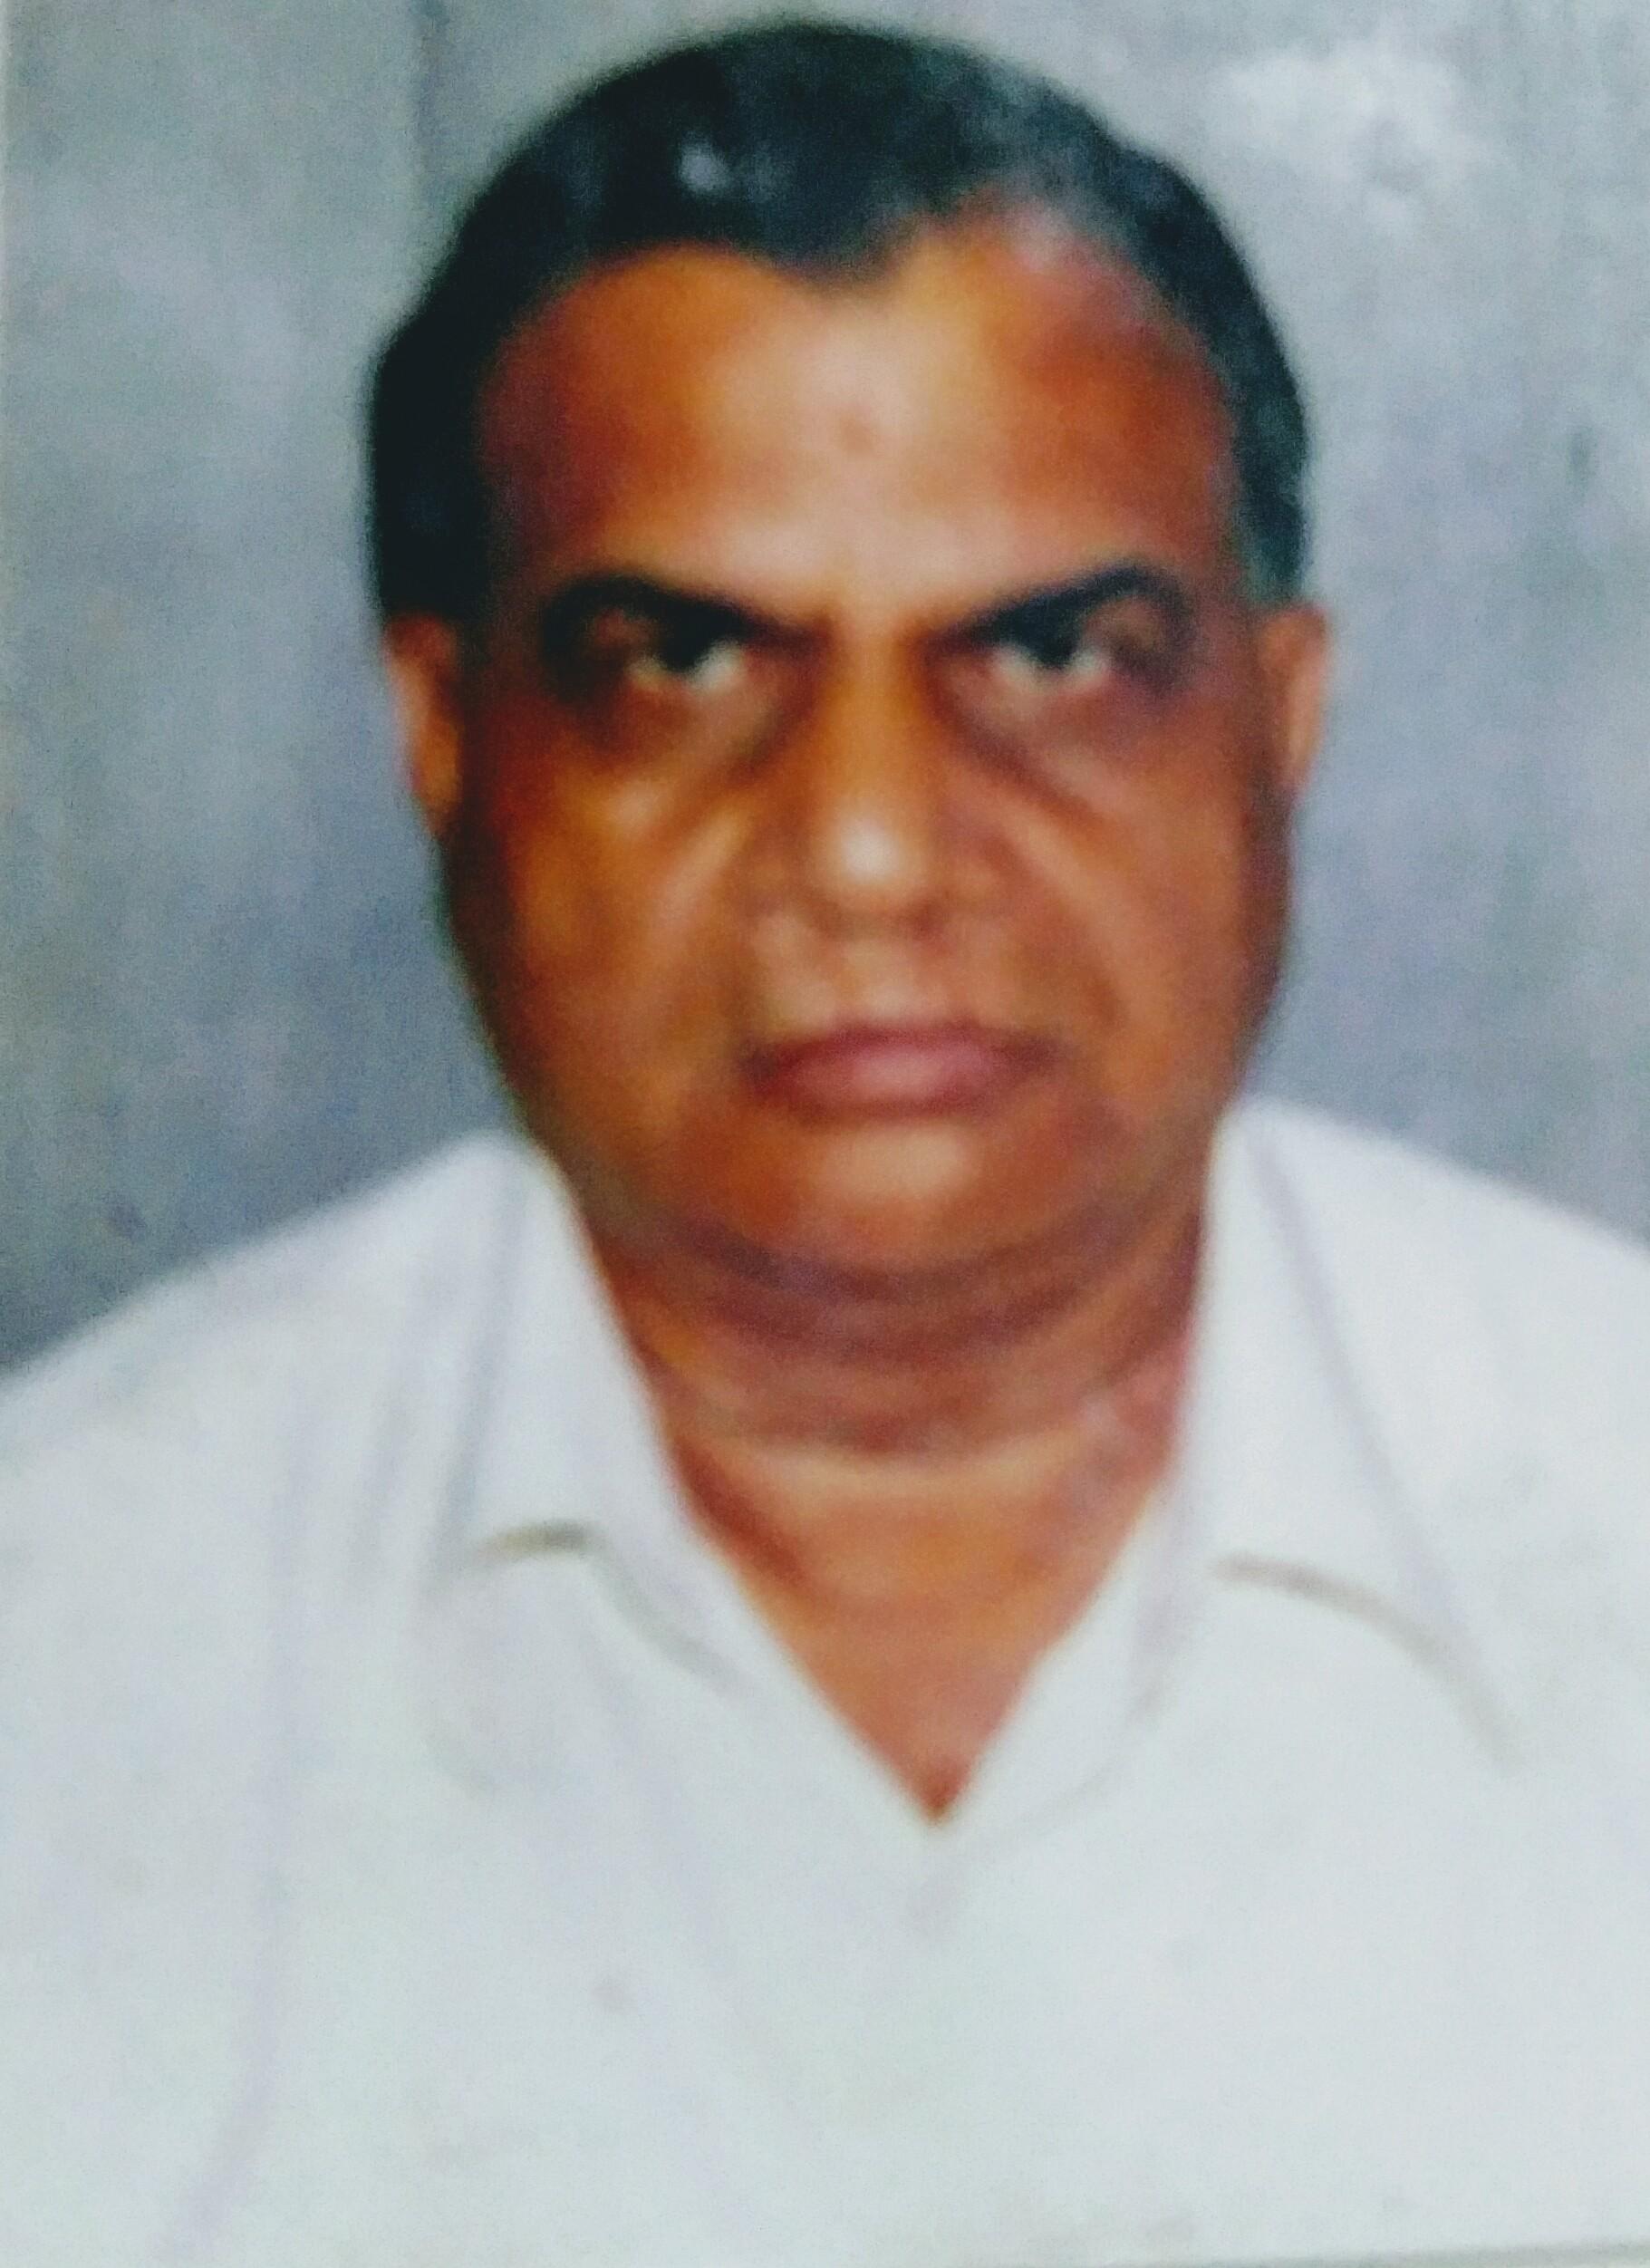 राम गोपाल गुप्ता